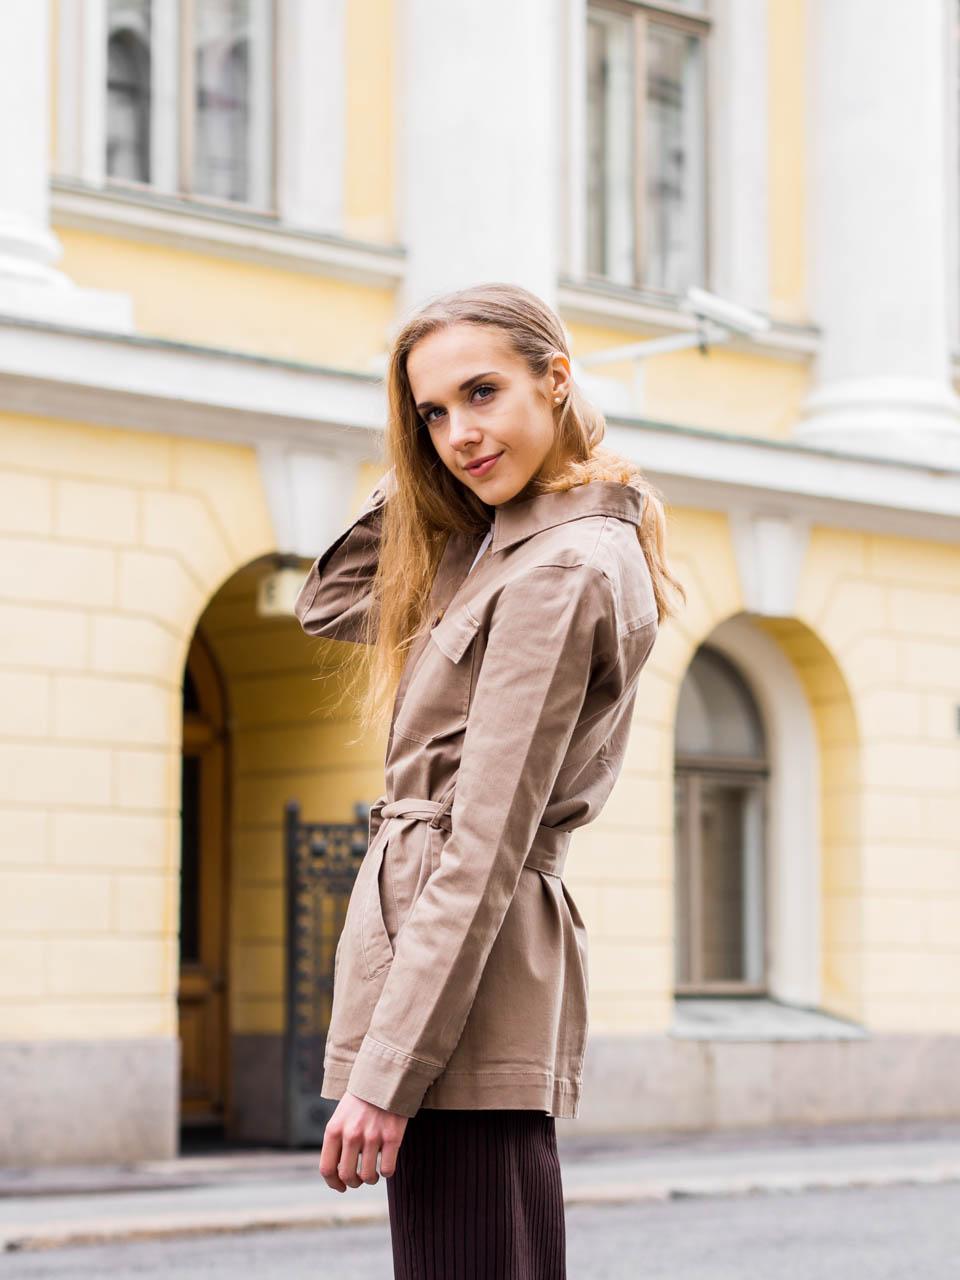 utility-trend-autumn-fashion-minimal-chic-feminine-style-syysmuoti-trendit-asuinspiraatio-muotiblogi-streetstyle